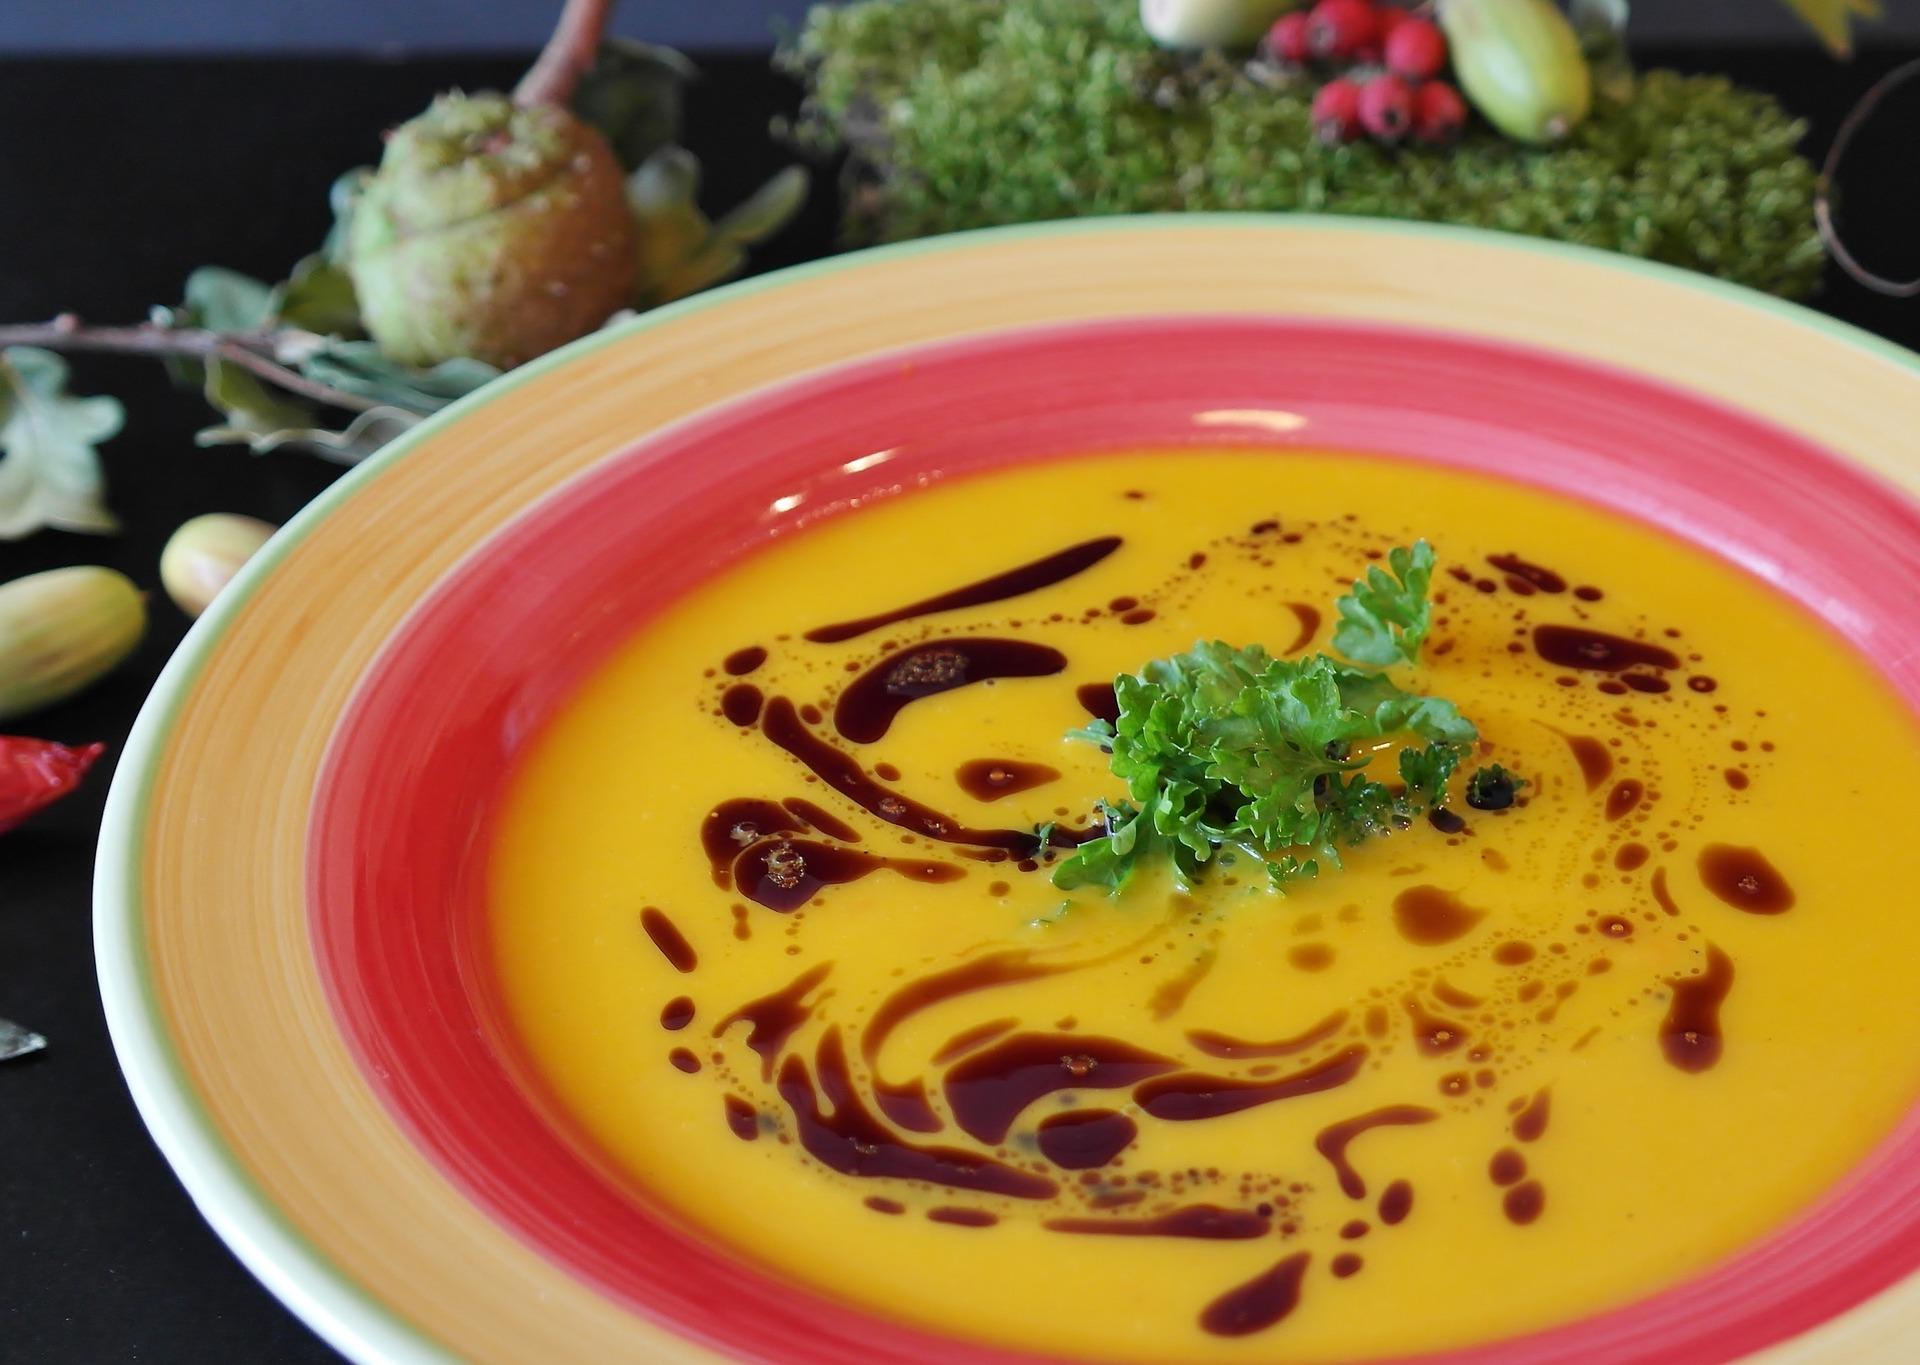 Prato com sopa.